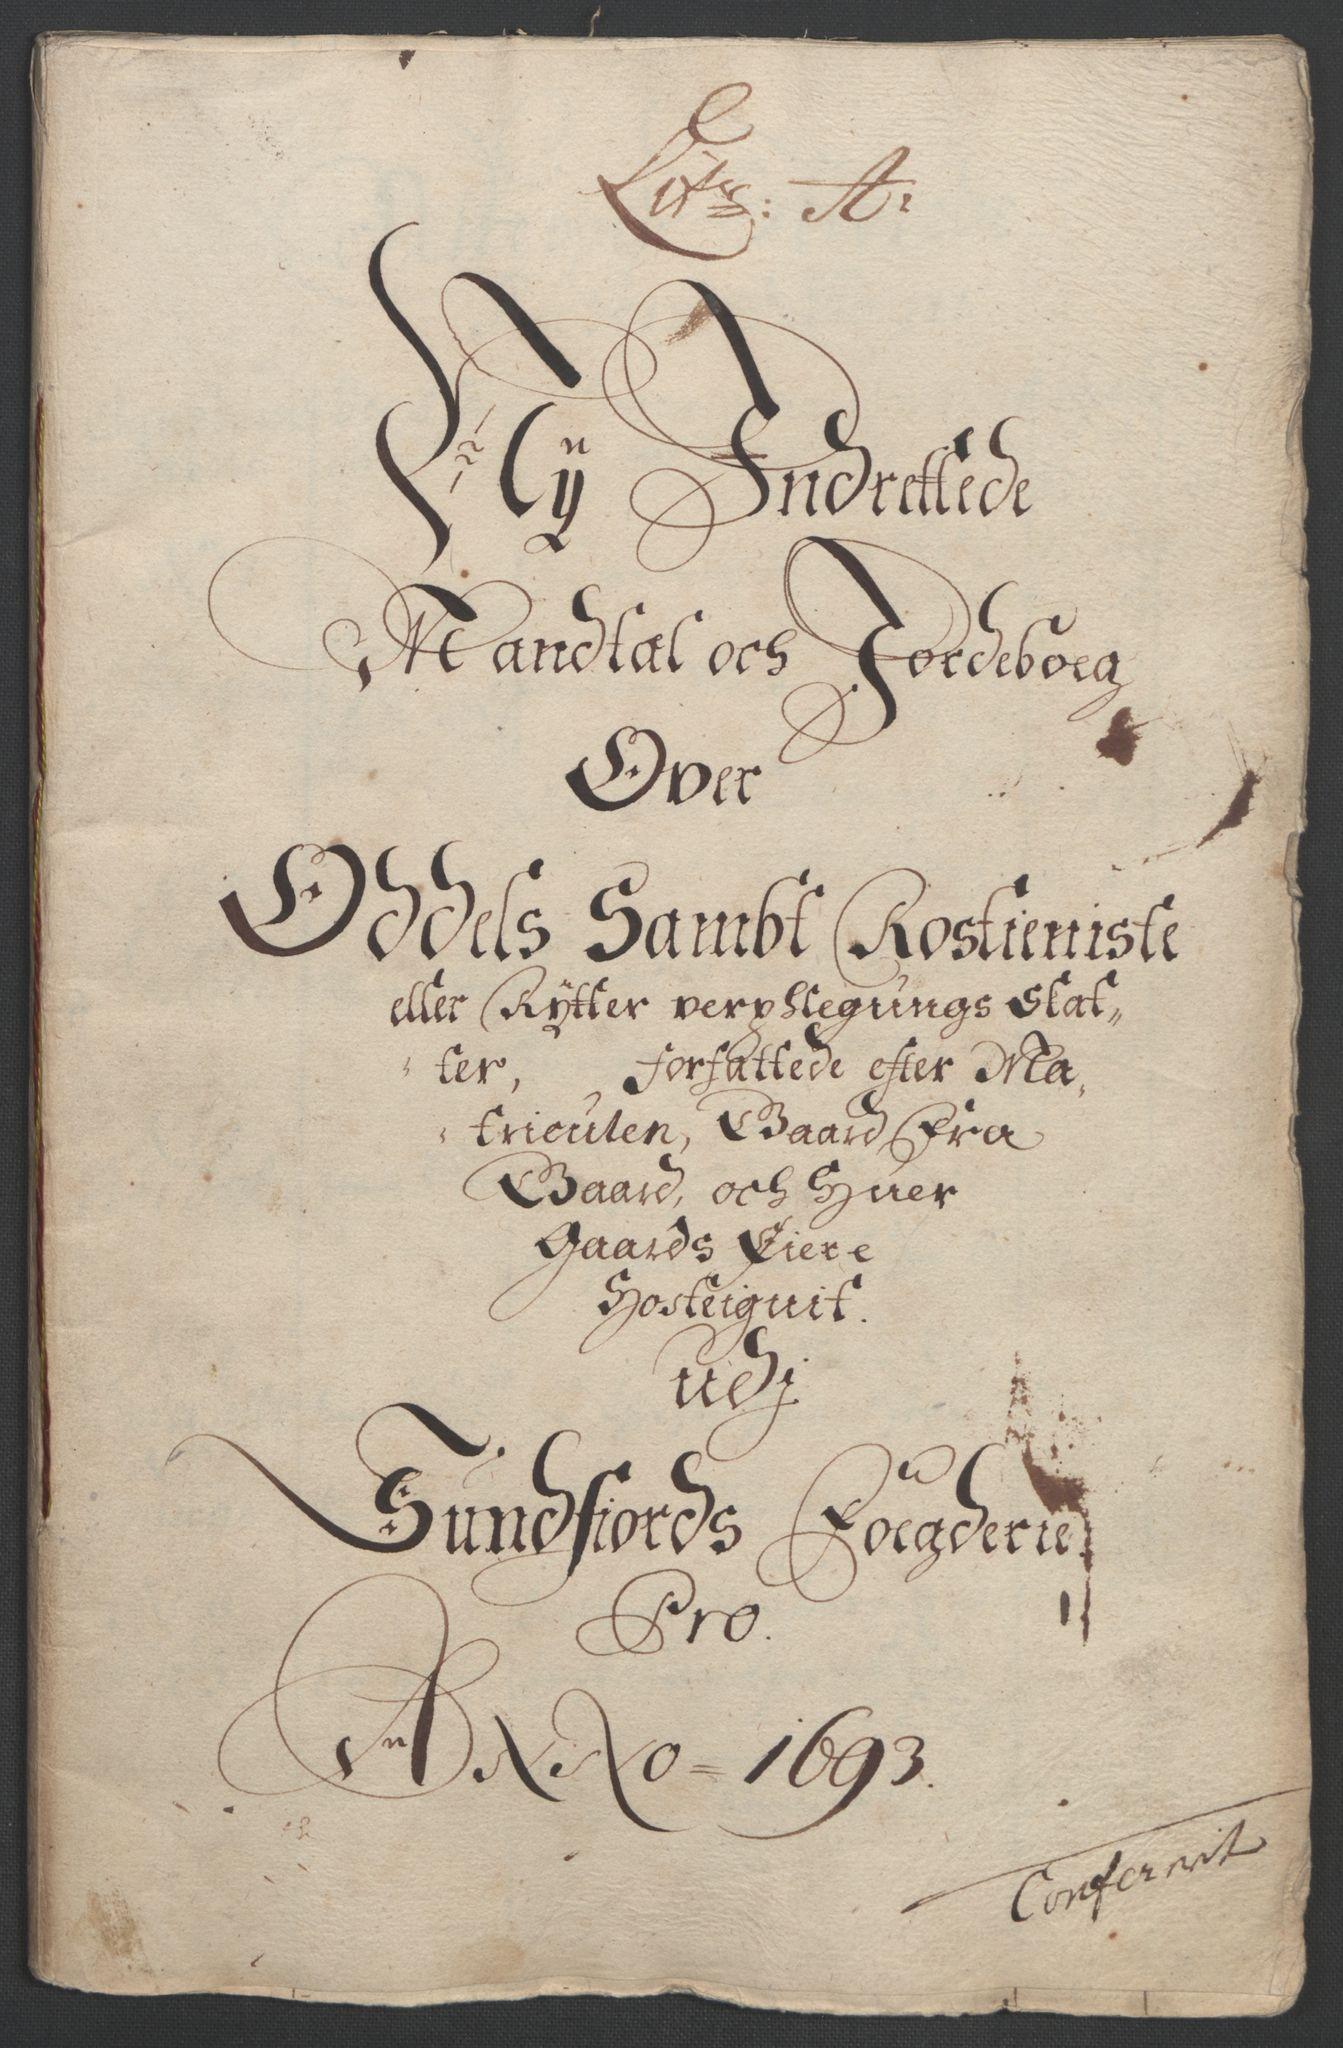 RA, Rentekammeret inntil 1814, Reviderte regnskaper, Fogderegnskap, R53/L3421: Fogderegnskap Sunn- og Nordfjord, 1693-1694, s. 12